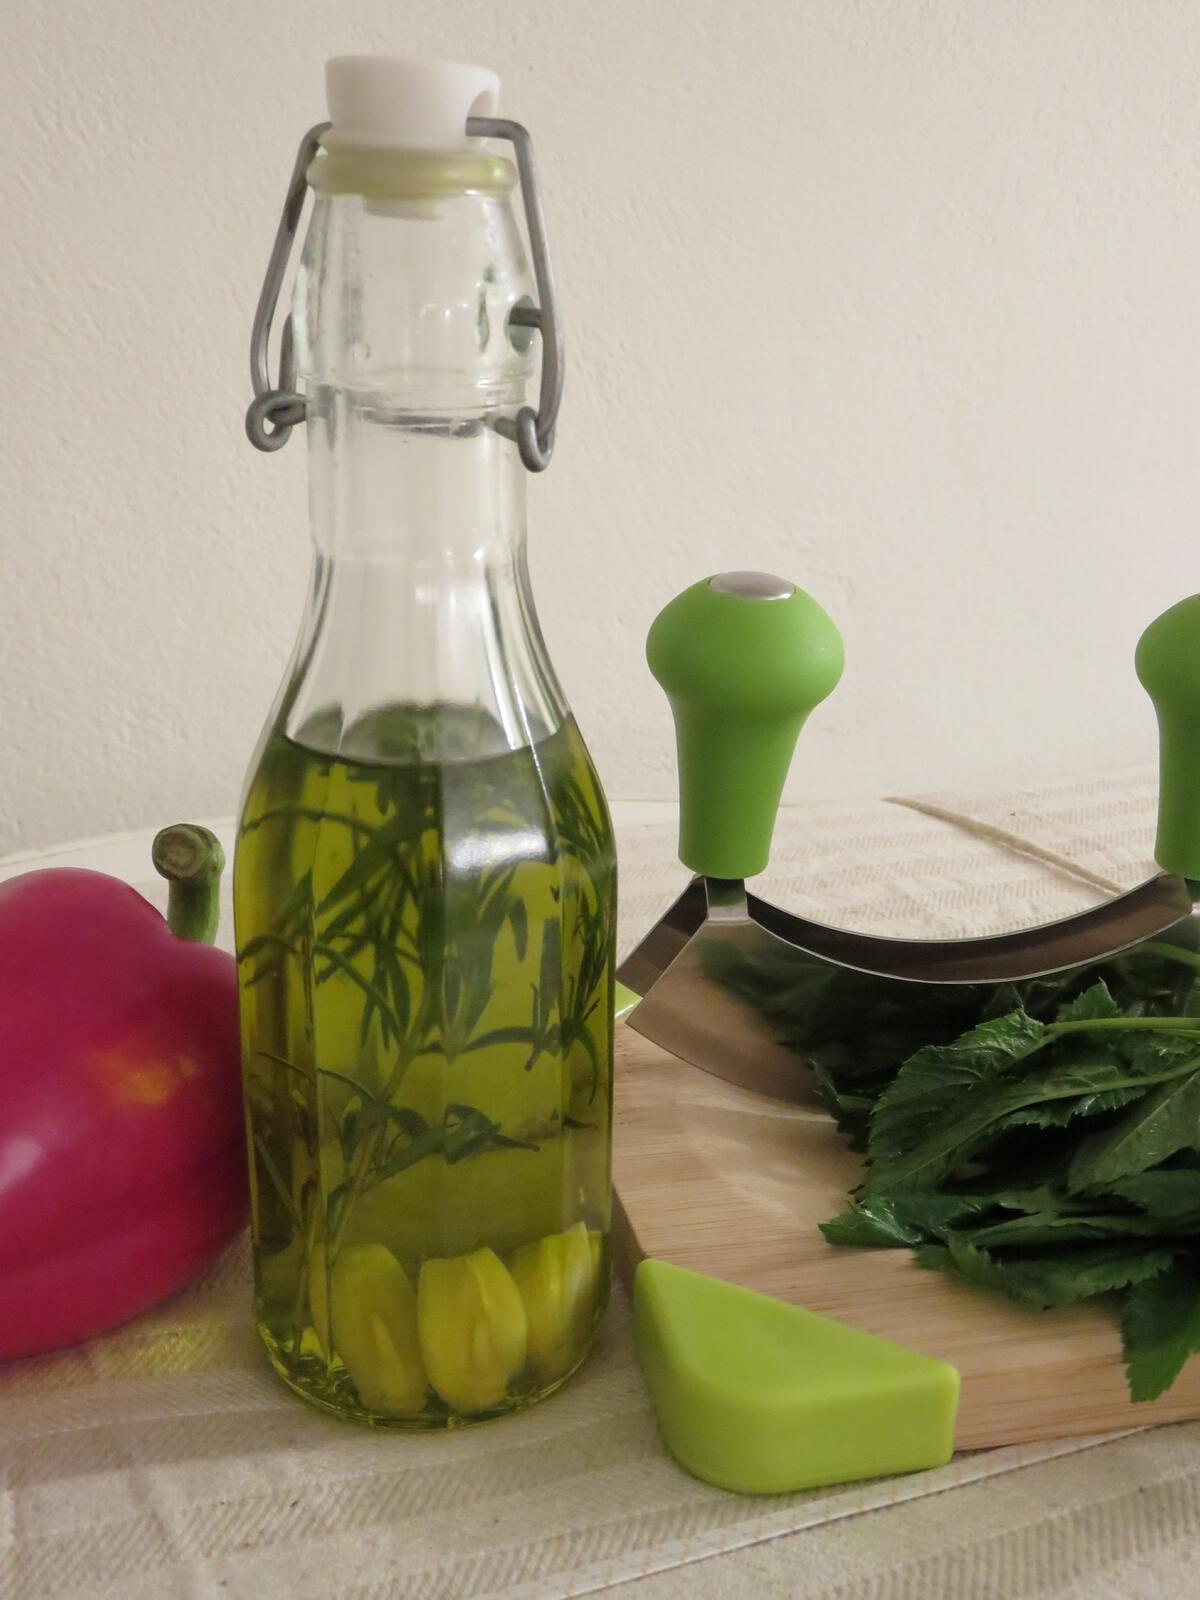 Gedicht johann olivenöl könig 7380686